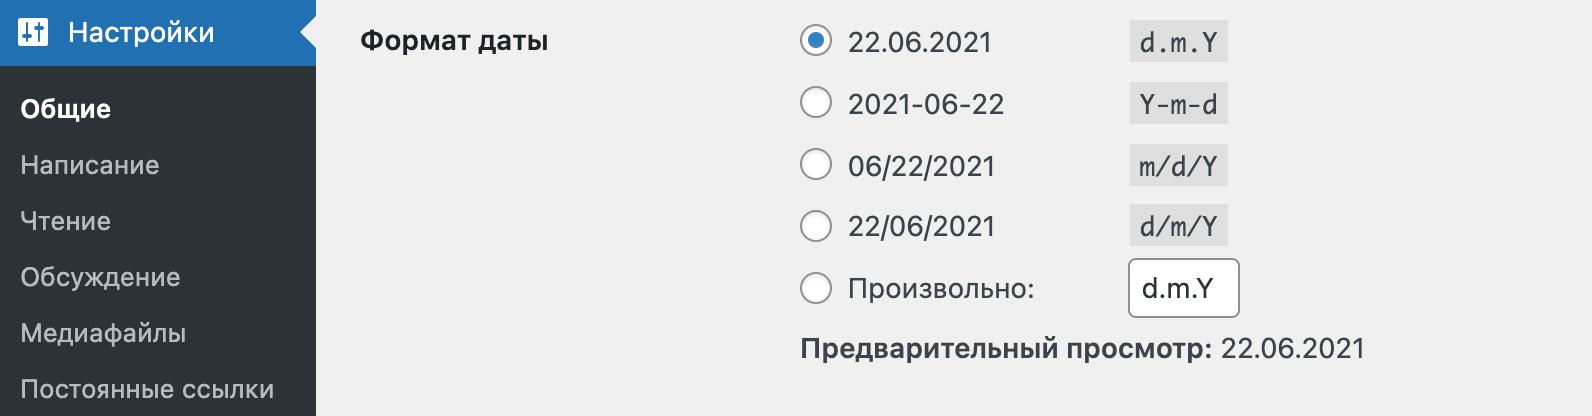 Формат даты в настройках WordPress